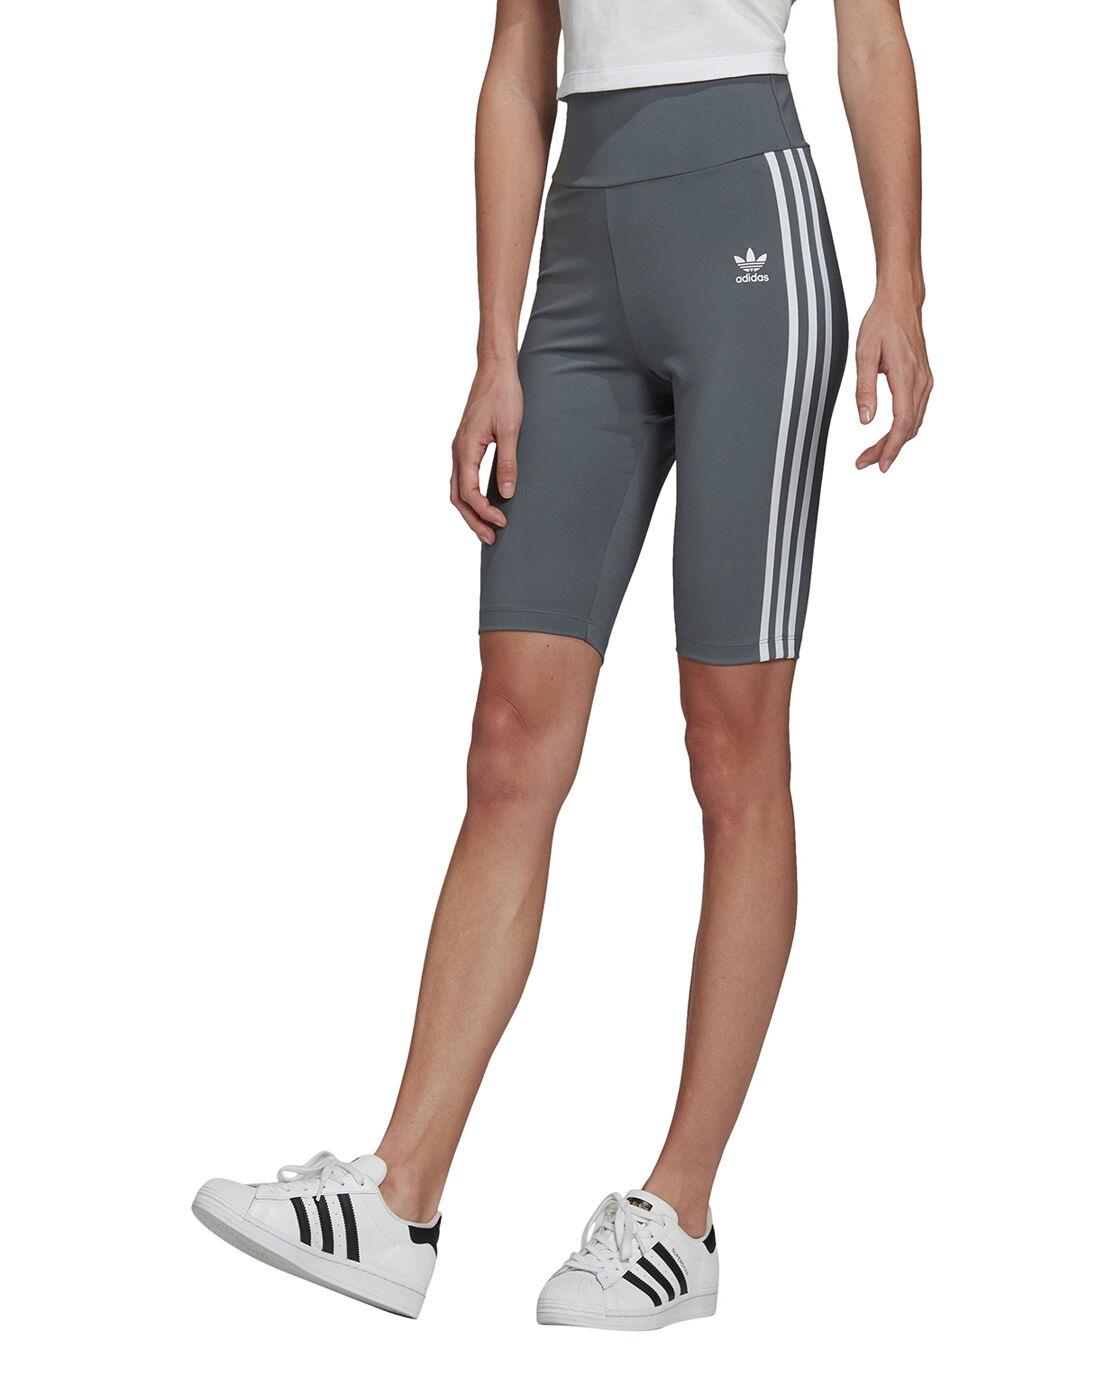 adidas Originals adidas hamburg womens grey sneakers black pants   Womens High Waisted Shorts